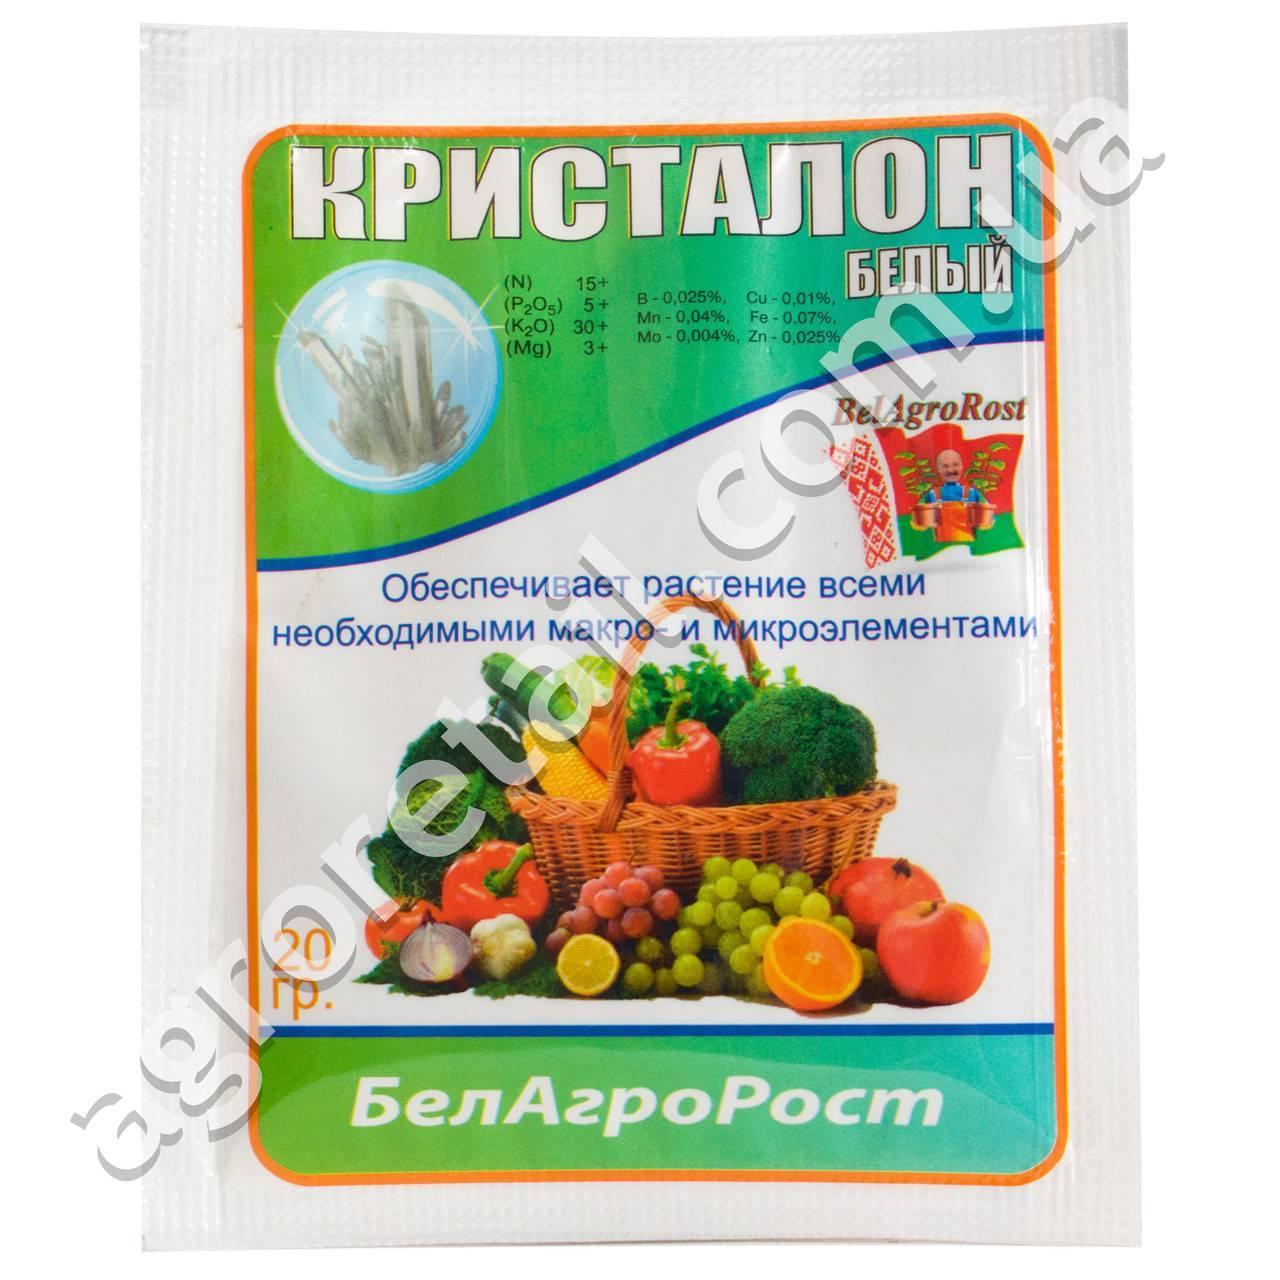 Кристалон — удобрение для любых растений. описание и технология применения